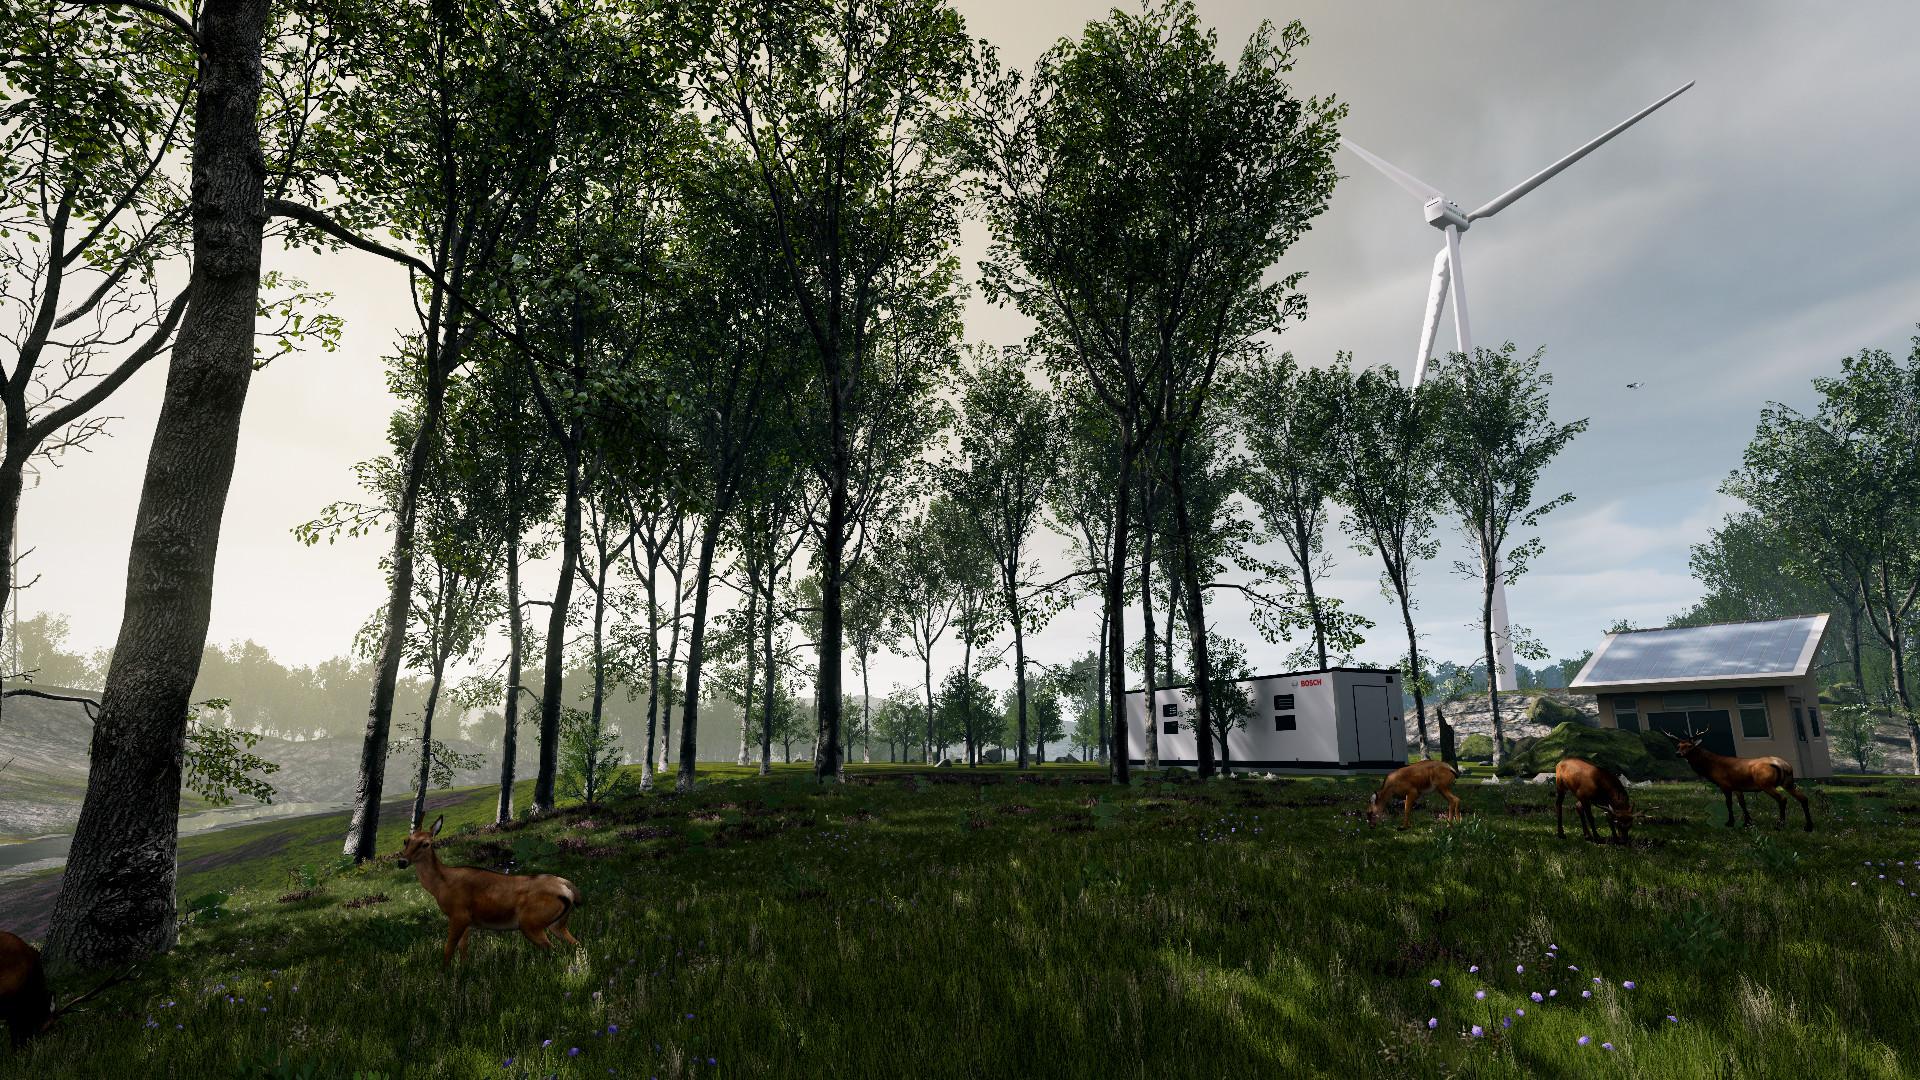 ArtStation - Bosch Energy Storage VR Demo - UE4, Mohamed Fawzy